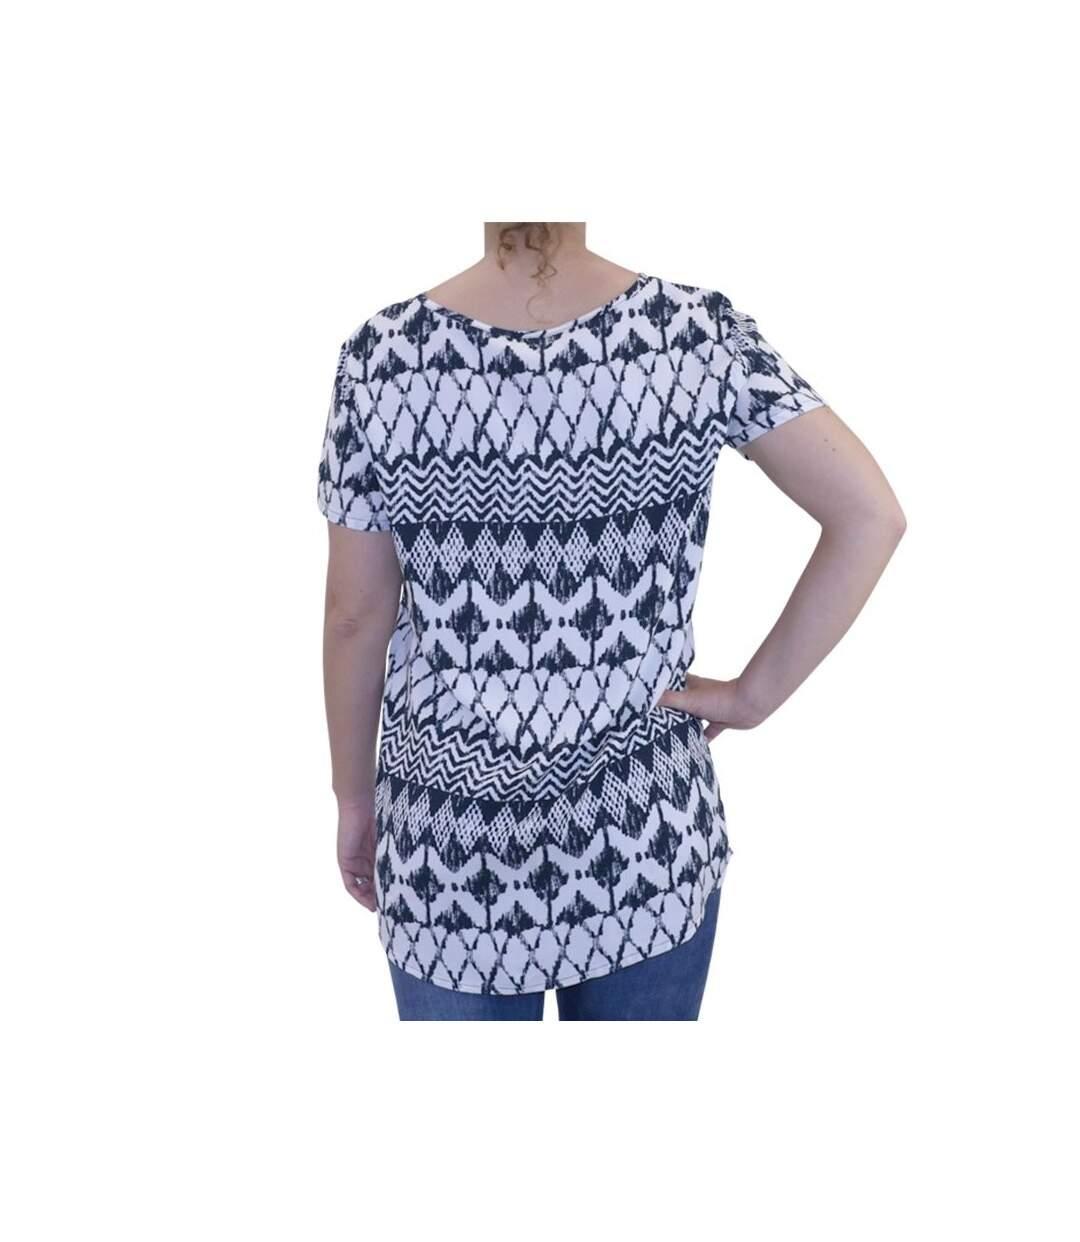 Dégagement Tee shirt  Epic blanc Femme Jacqueline de Yong dsf.d455nksdKLFHG